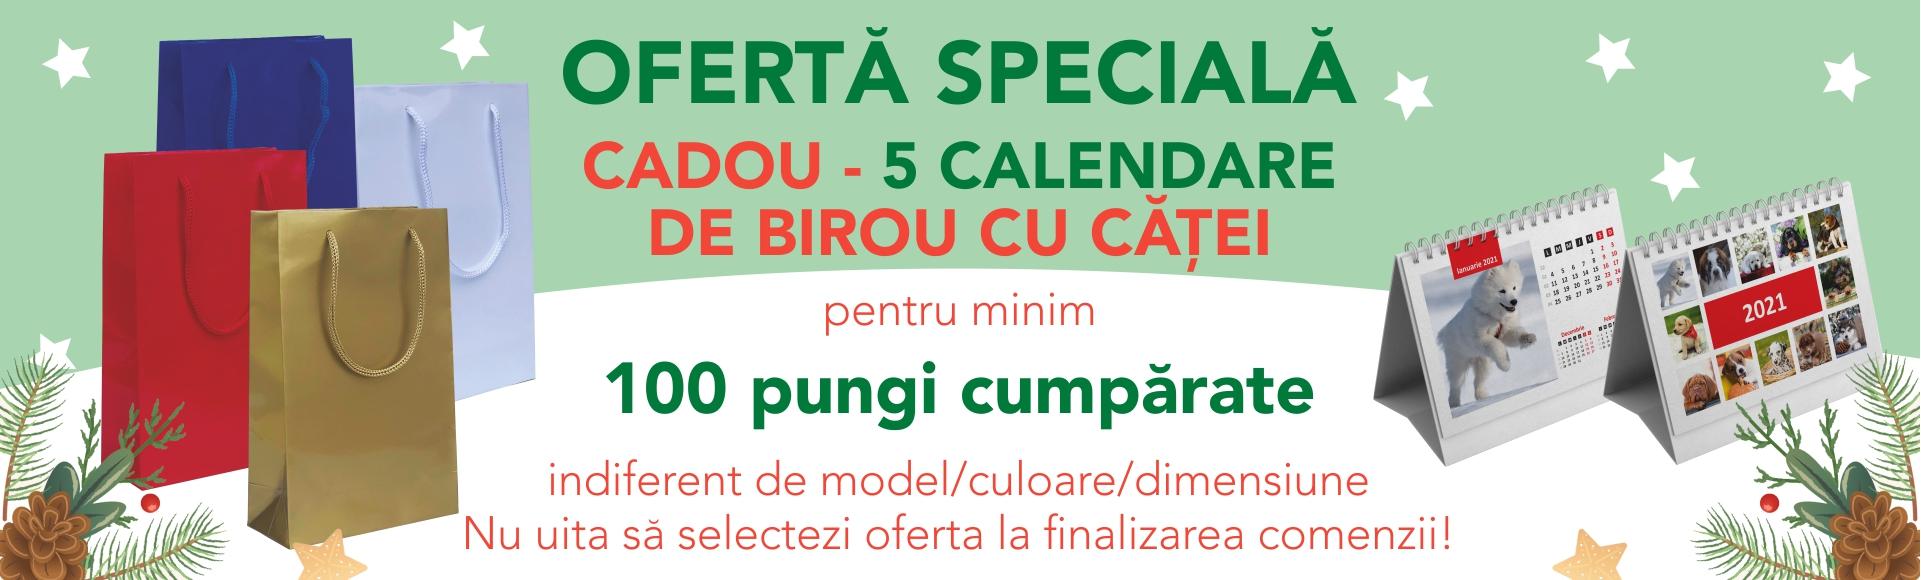 Banner oferta calendare